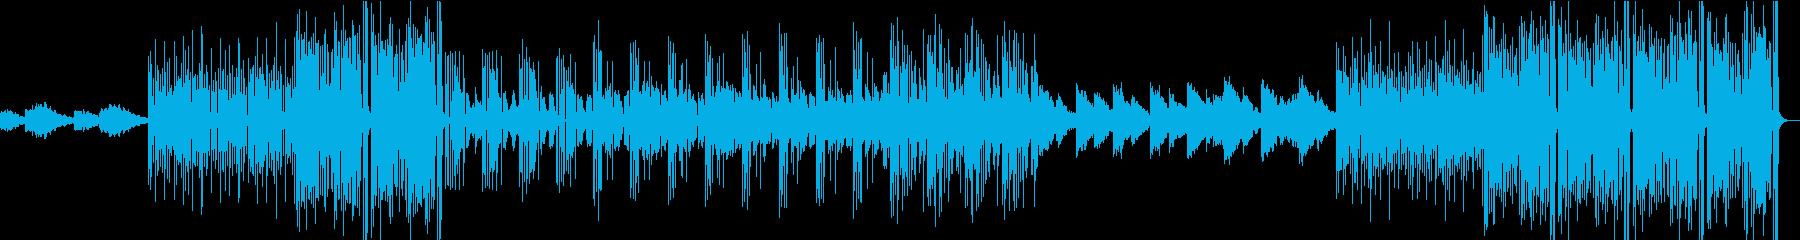 寂しげなエレクトロファンクBGMの再生済みの波形